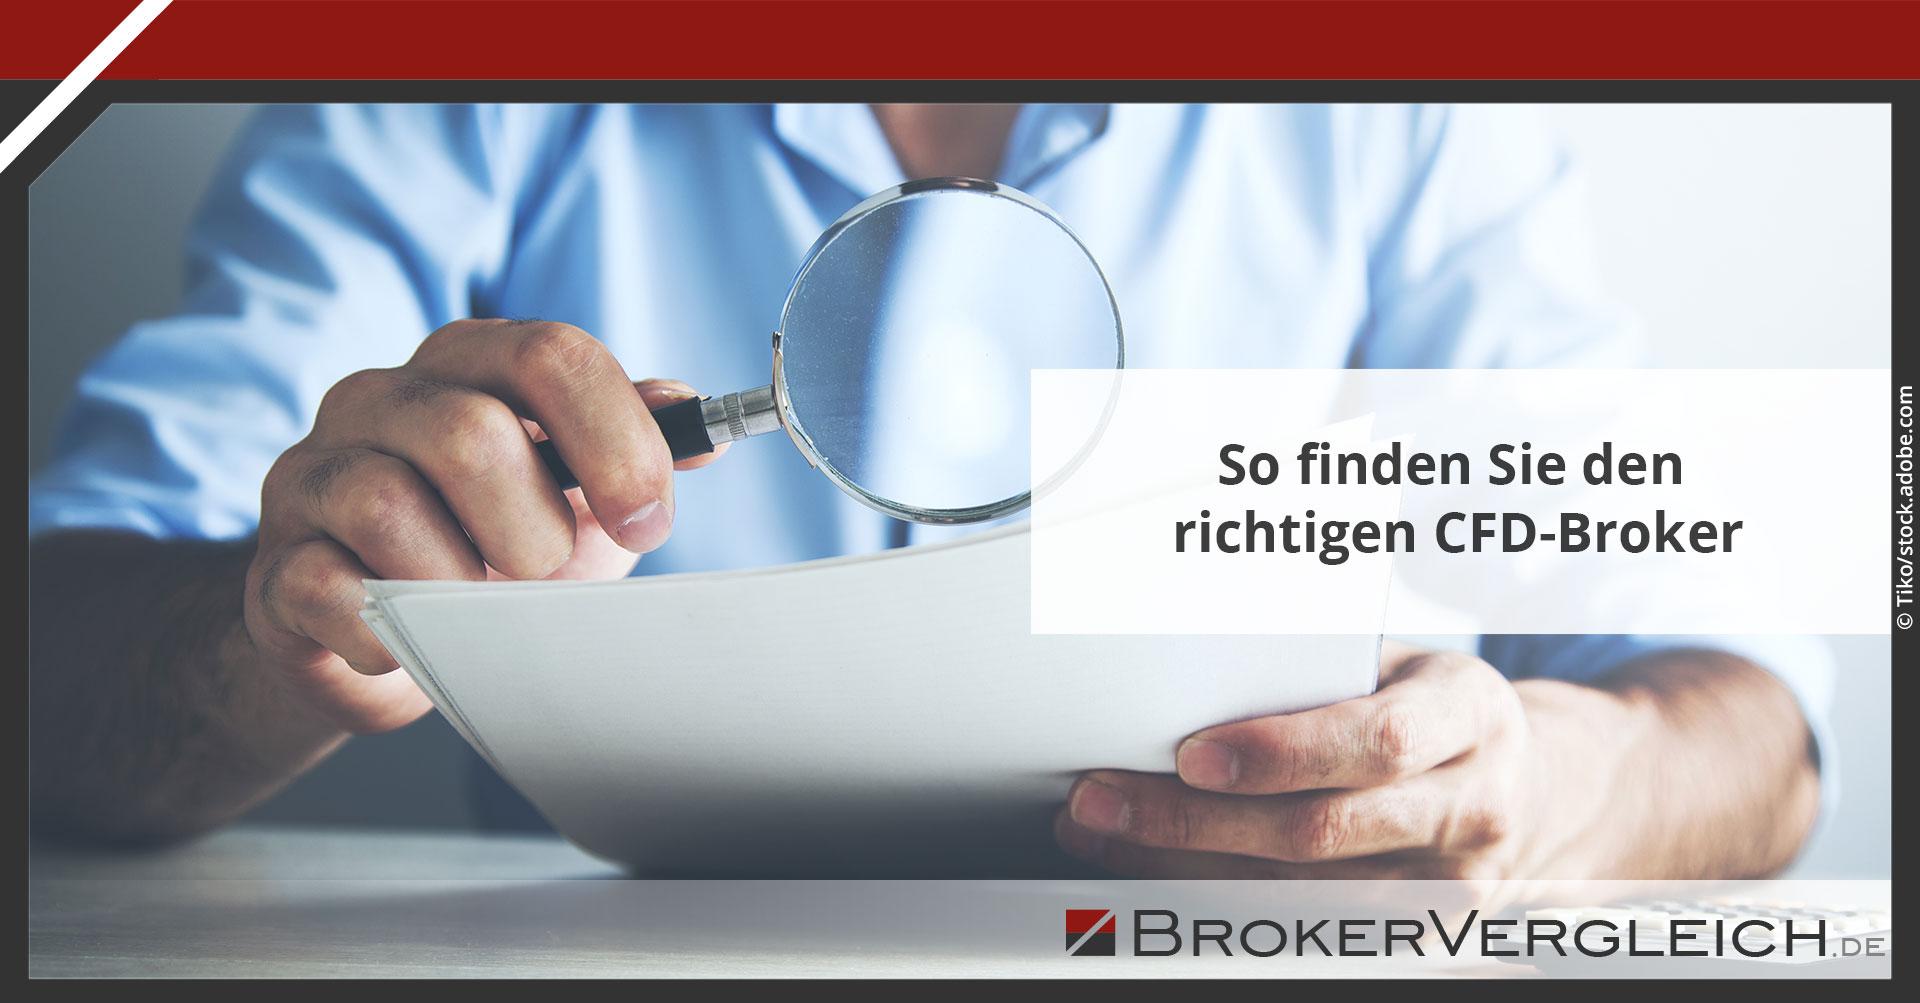 Zum Beitrag - So finden Sie den richtigen CFD-Broker